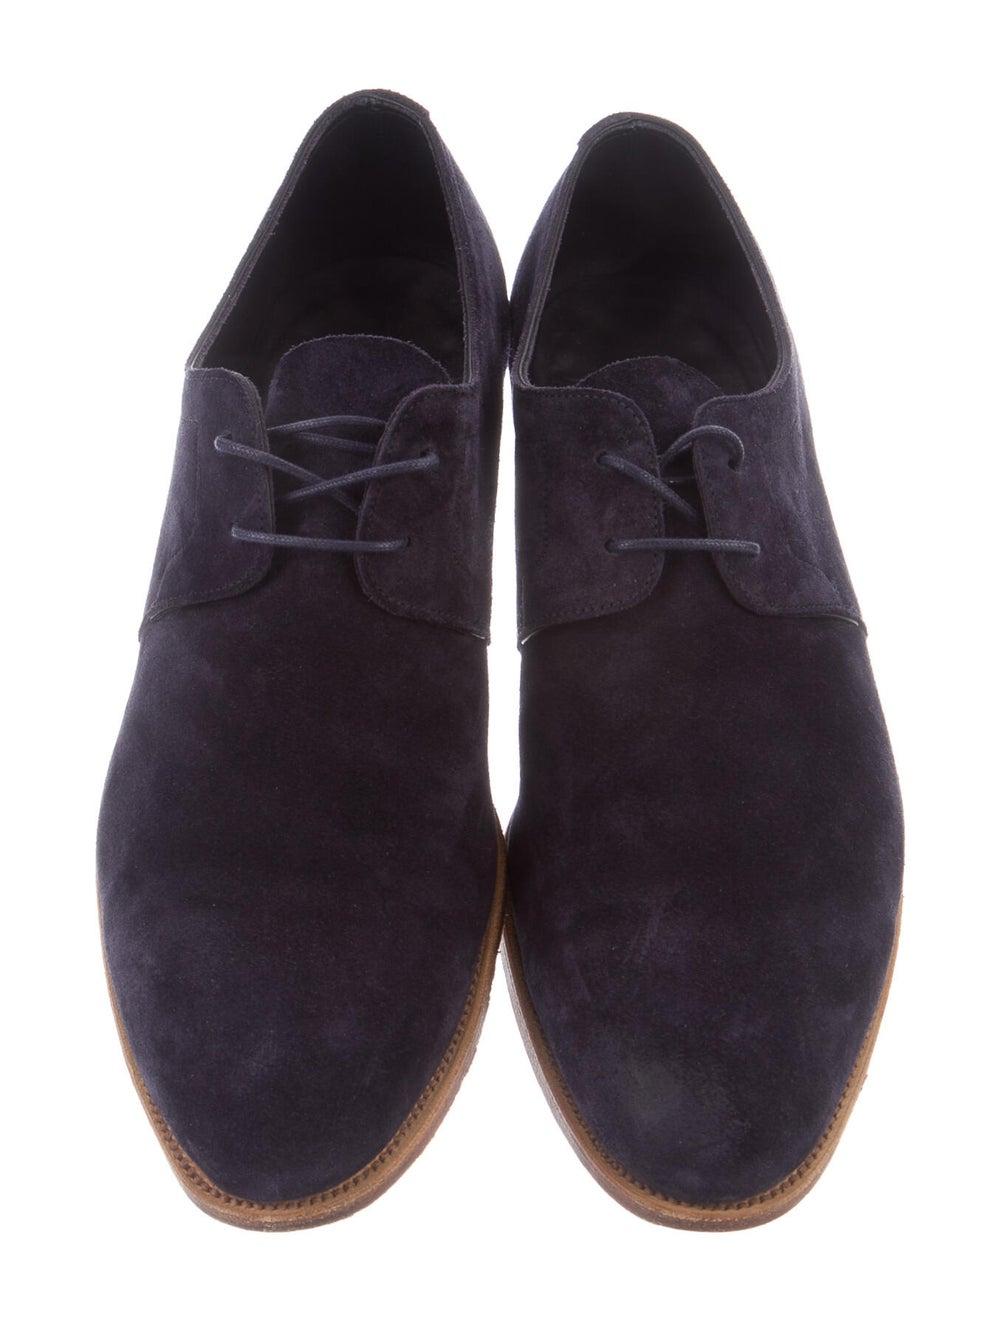 John Lobb Suede Derby Shoes Blue - image 3